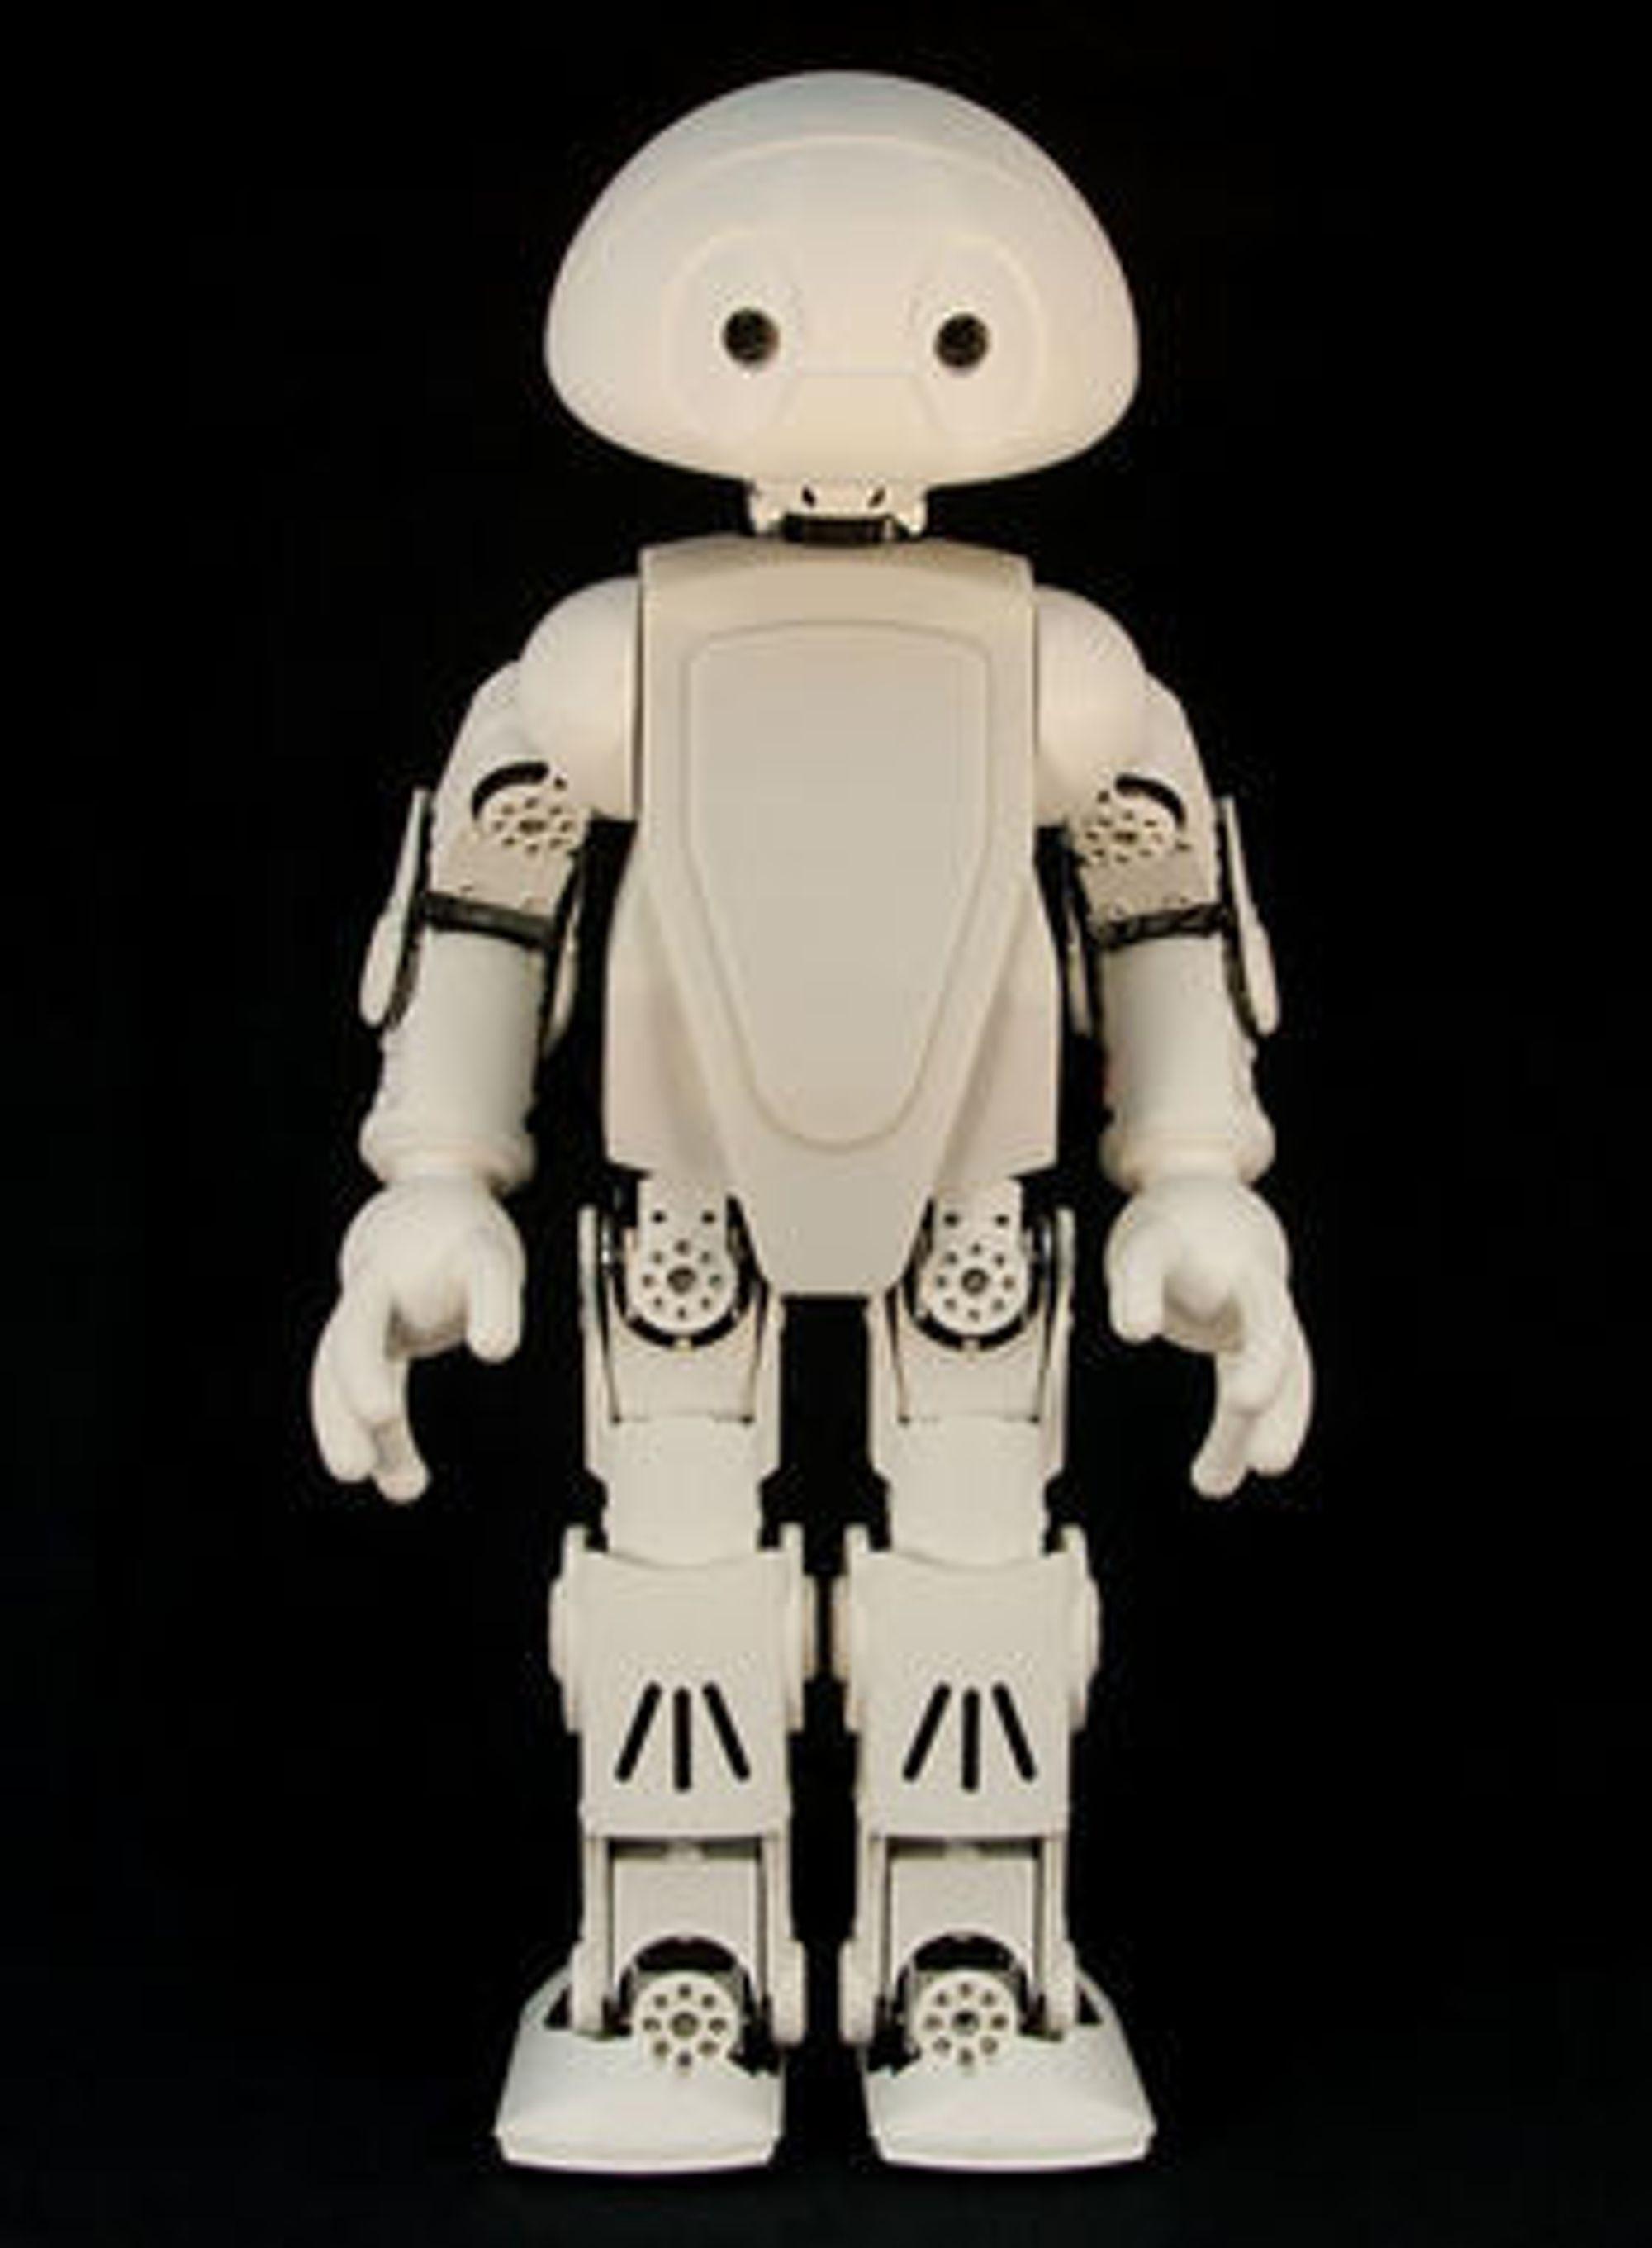 Jimmy-roboten skal kunne brukes til både nytte og moro. Nøyaktig hva kan i stor grad avgjøres av brukerne selv. Eksempler mulig funksjonalitet er å synge, oversette tale og kanskje til og med å servere eieren en kald øl.